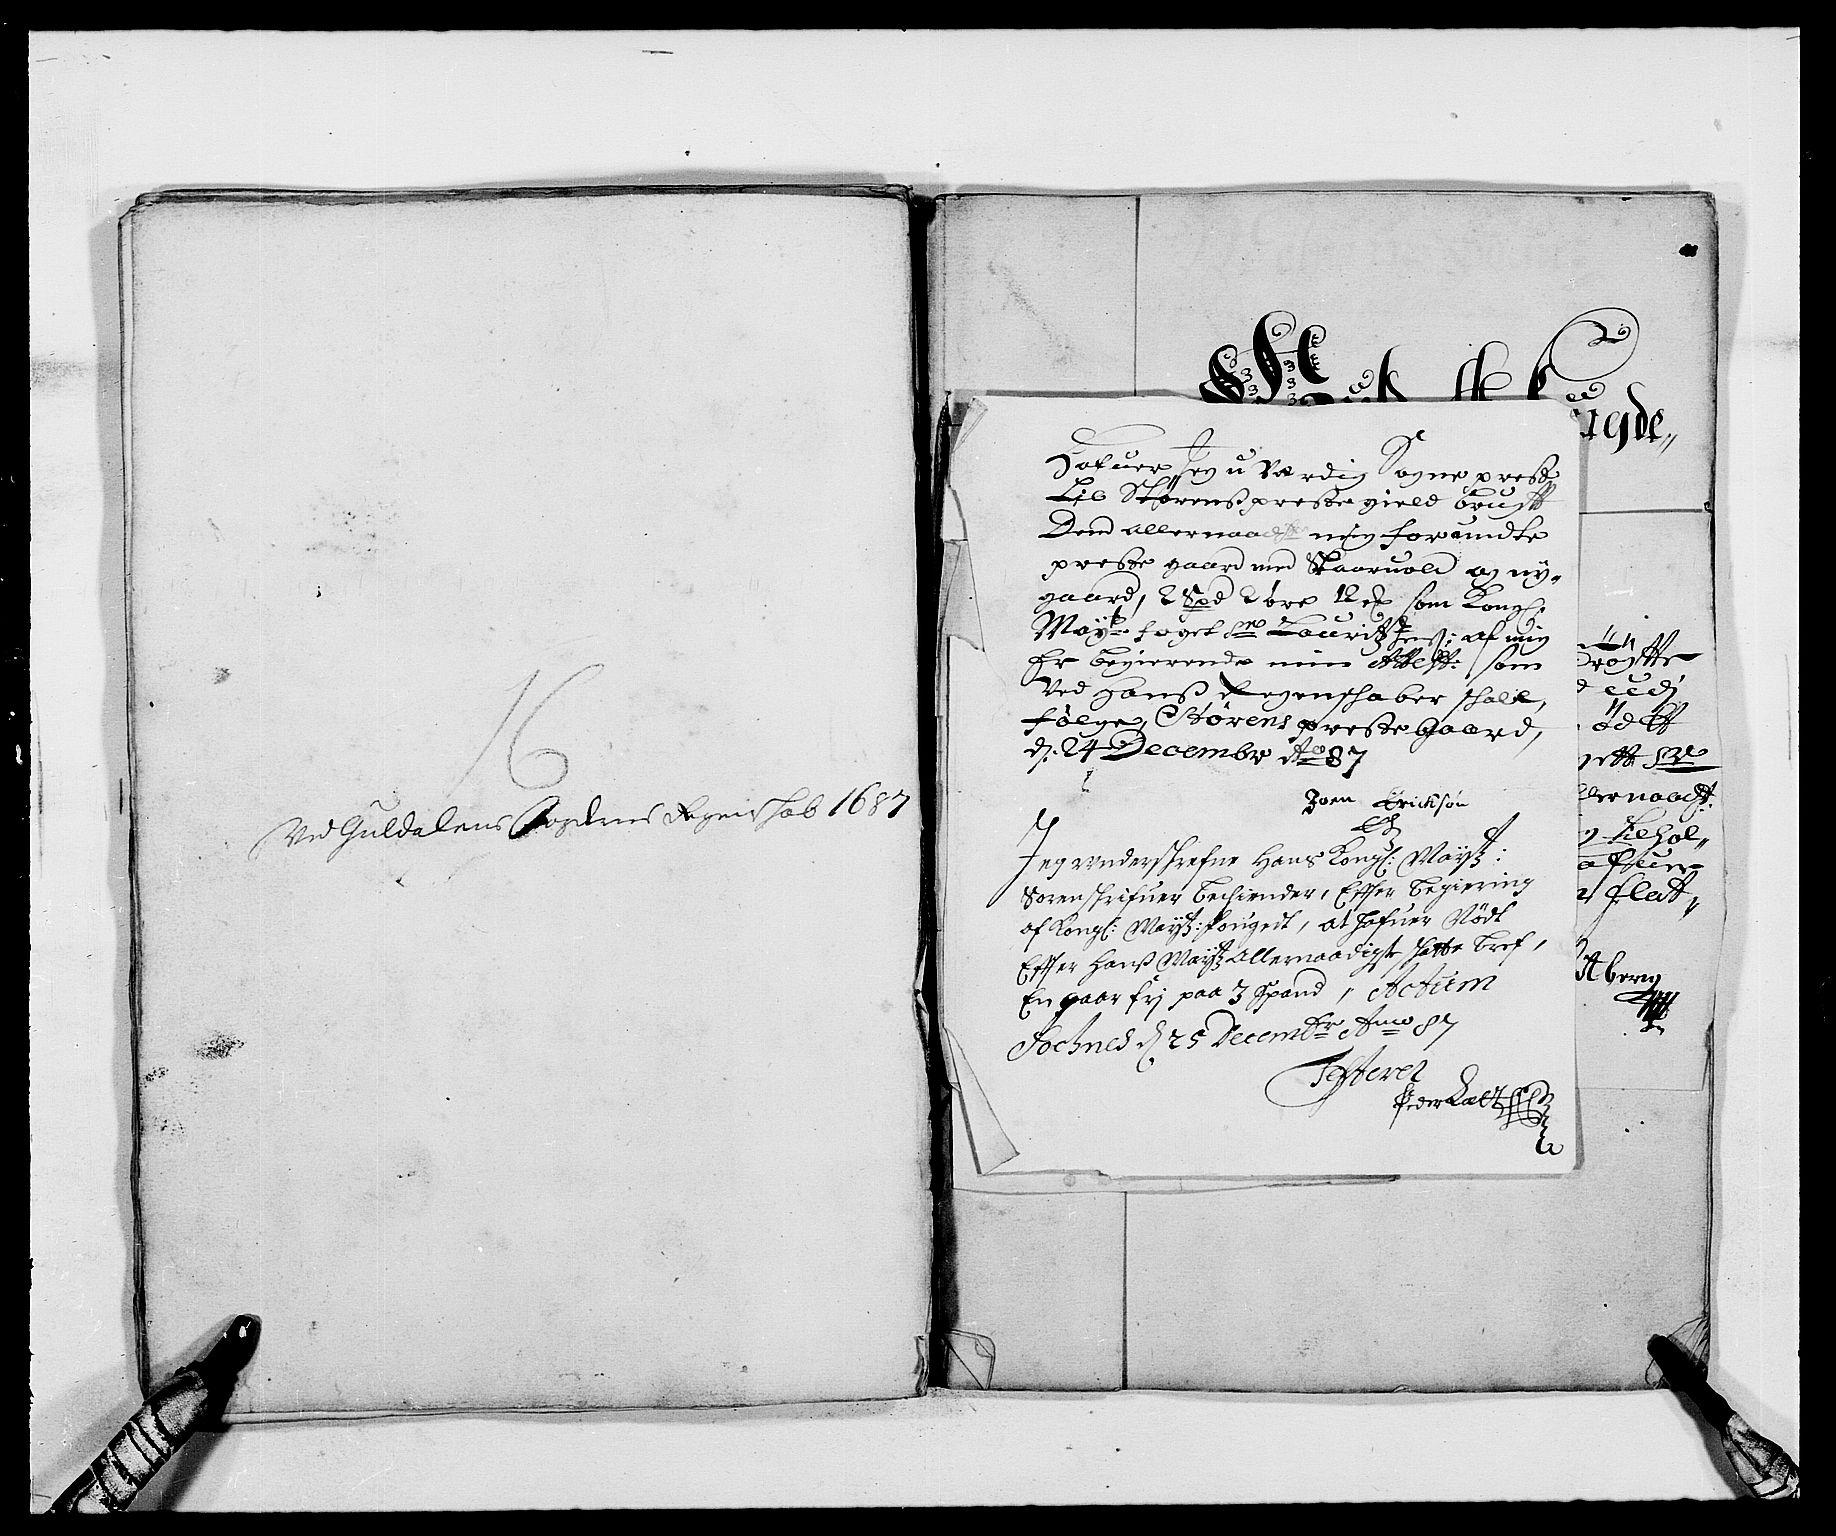 RA, Rentekammeret inntil 1814, Reviderte regnskaper, Fogderegnskap, R59/L3939: Fogderegnskap Gauldal, 1687-1688, s. 84